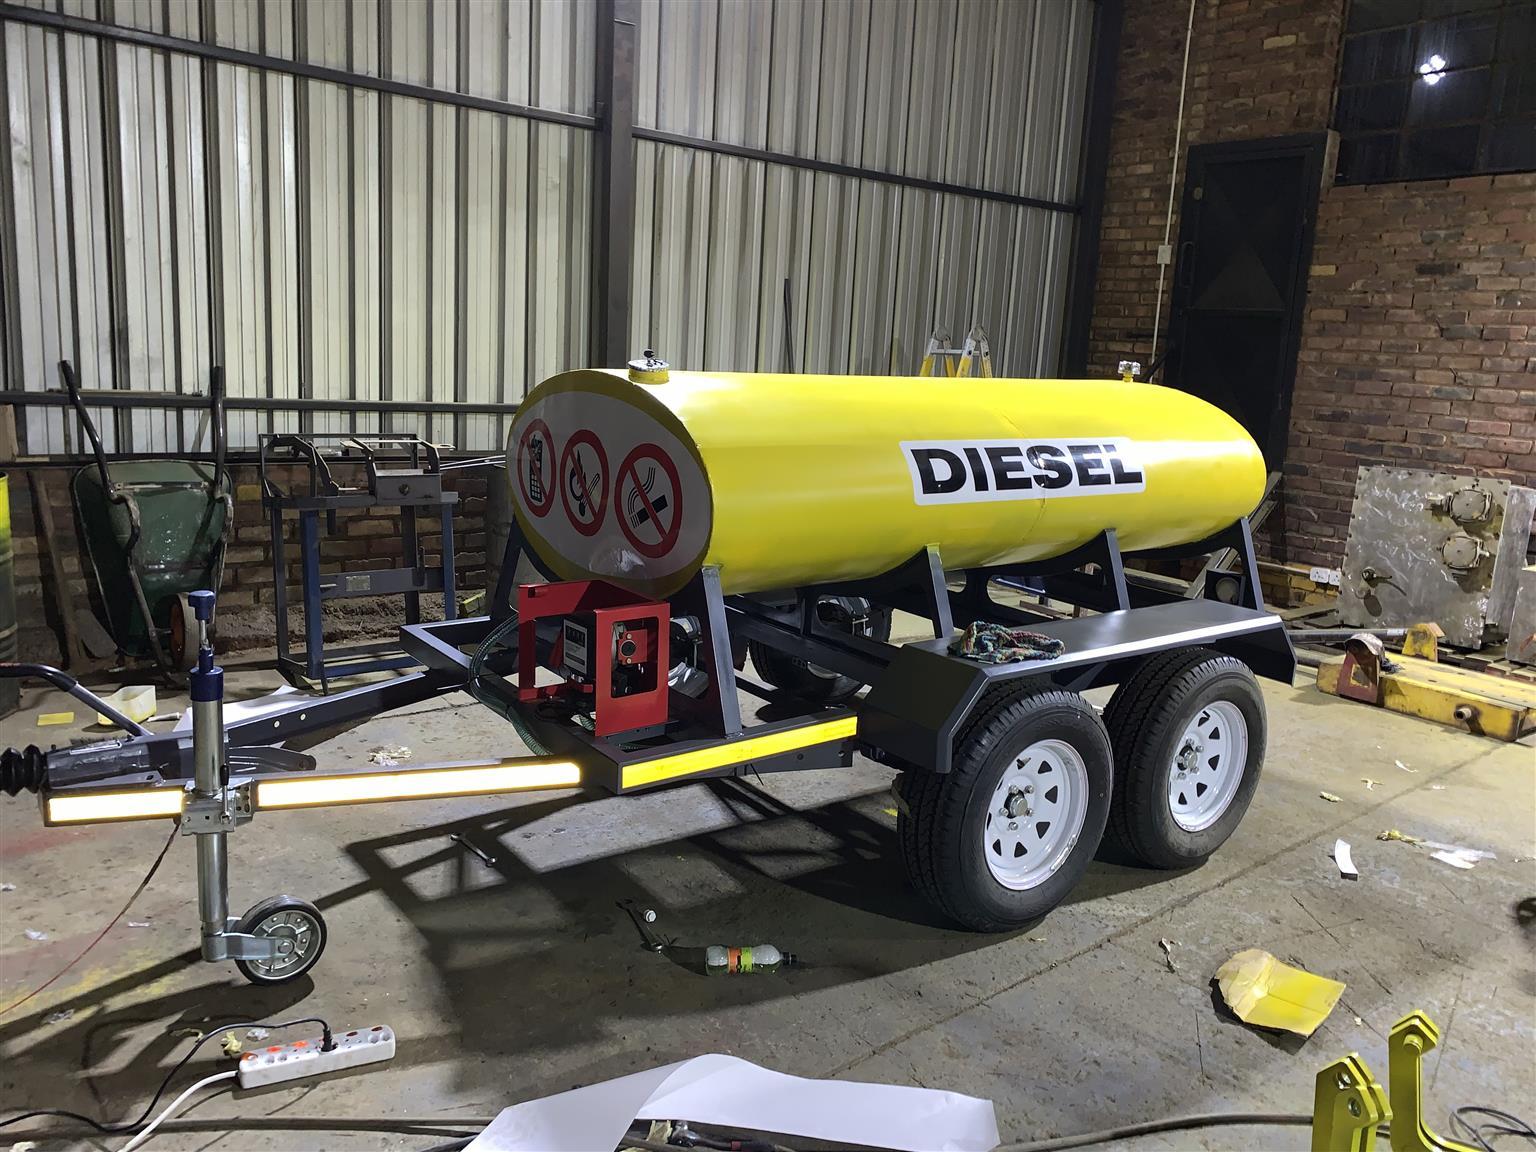 Diesel bowsers